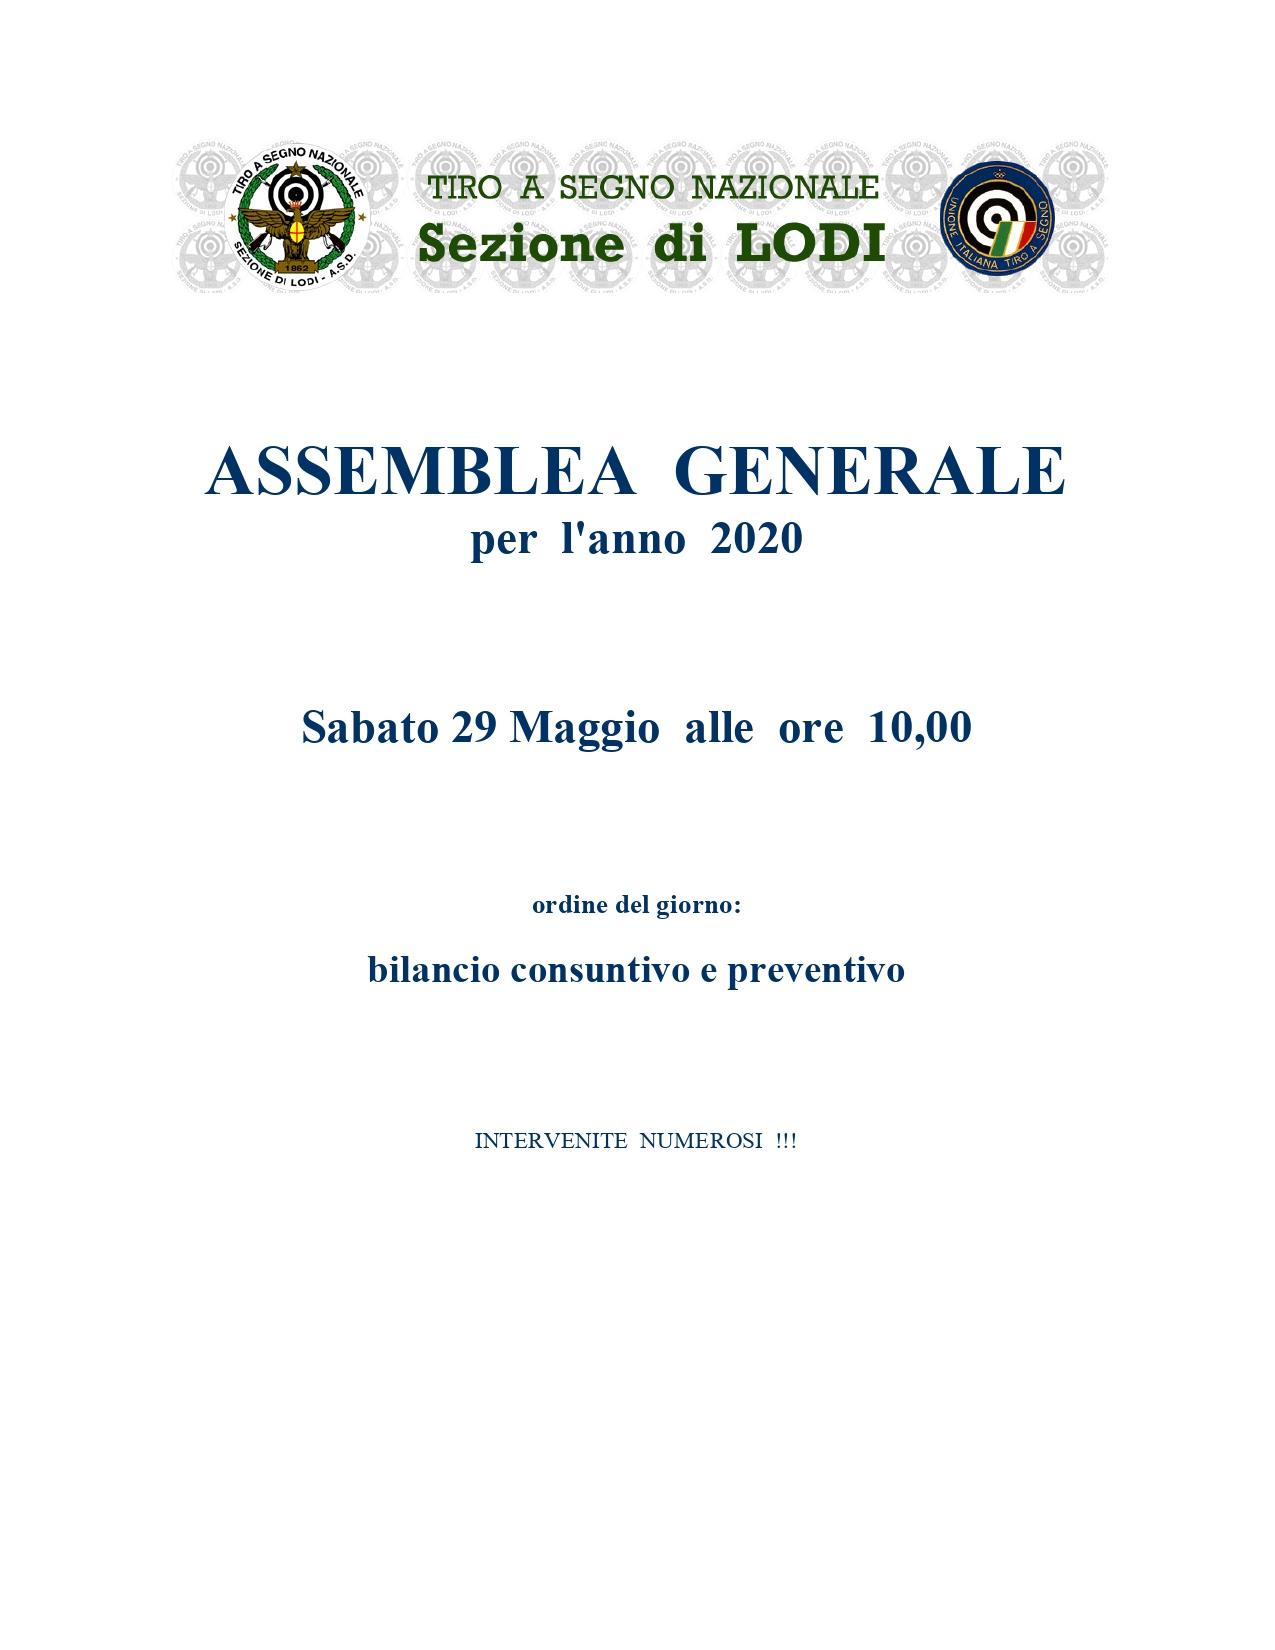 Assemblea generale 2020